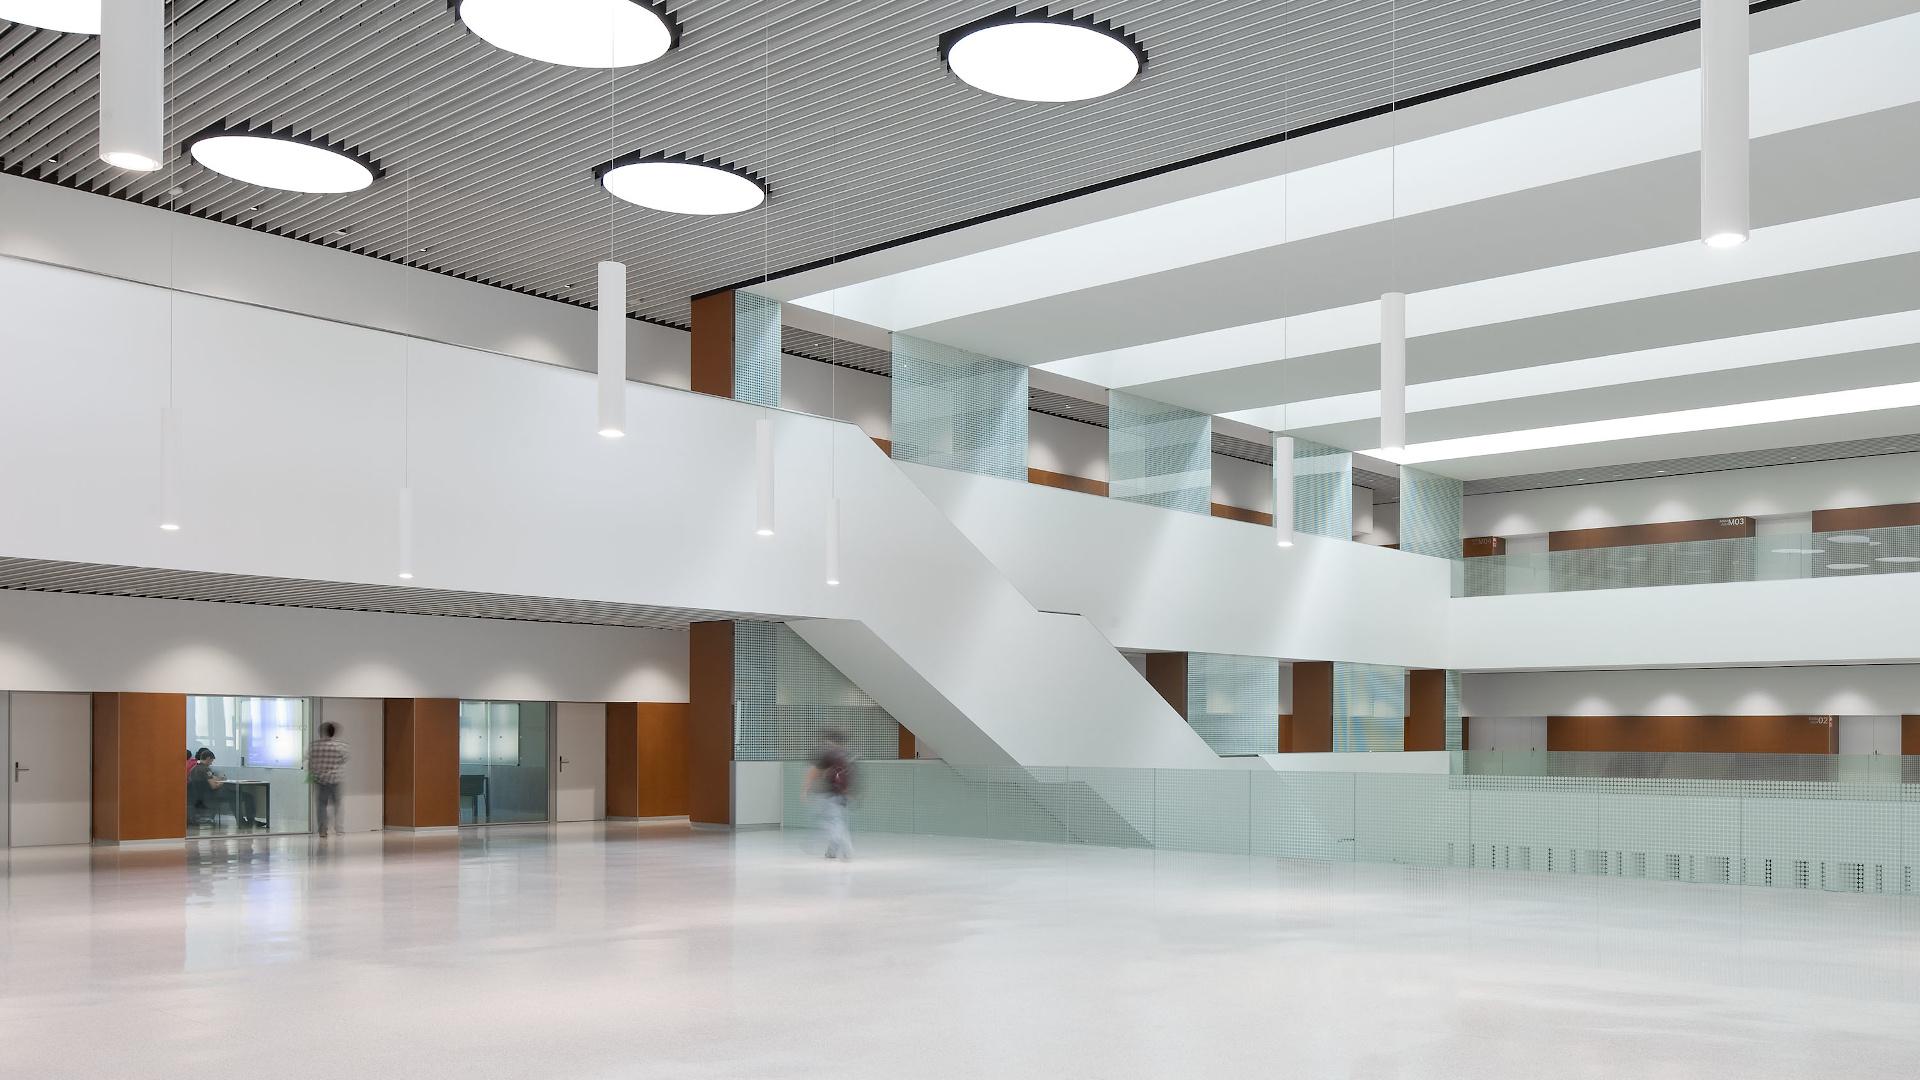 Proyectos - Universidad de Navarra